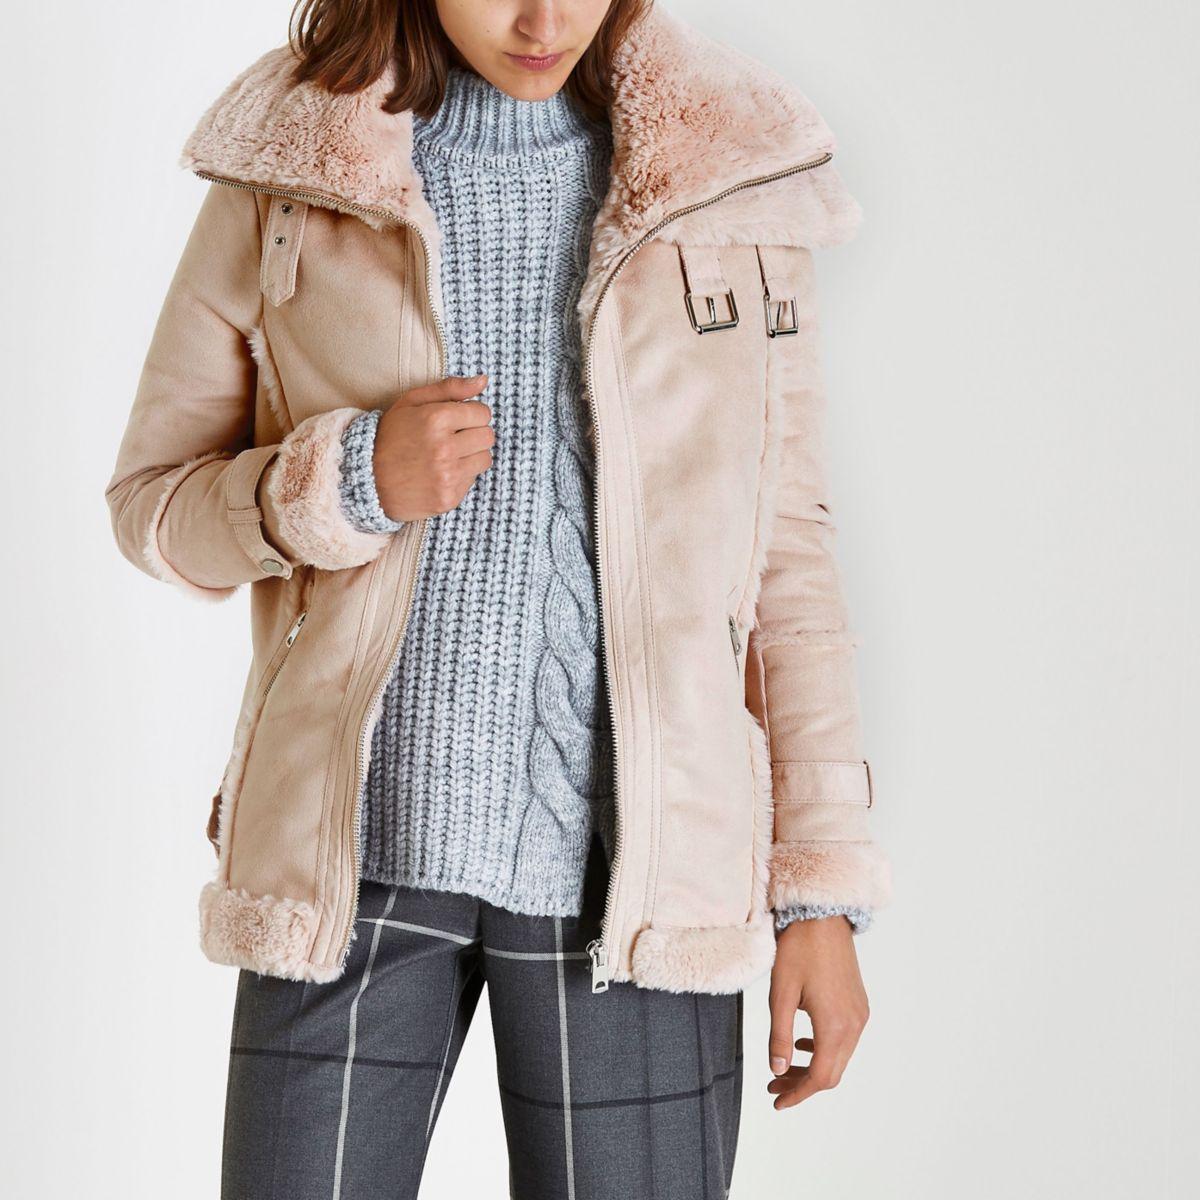 blouson aviateur rose bord de fausse fourrure manteaux vestes soldes femme. Black Bedroom Furniture Sets. Home Design Ideas